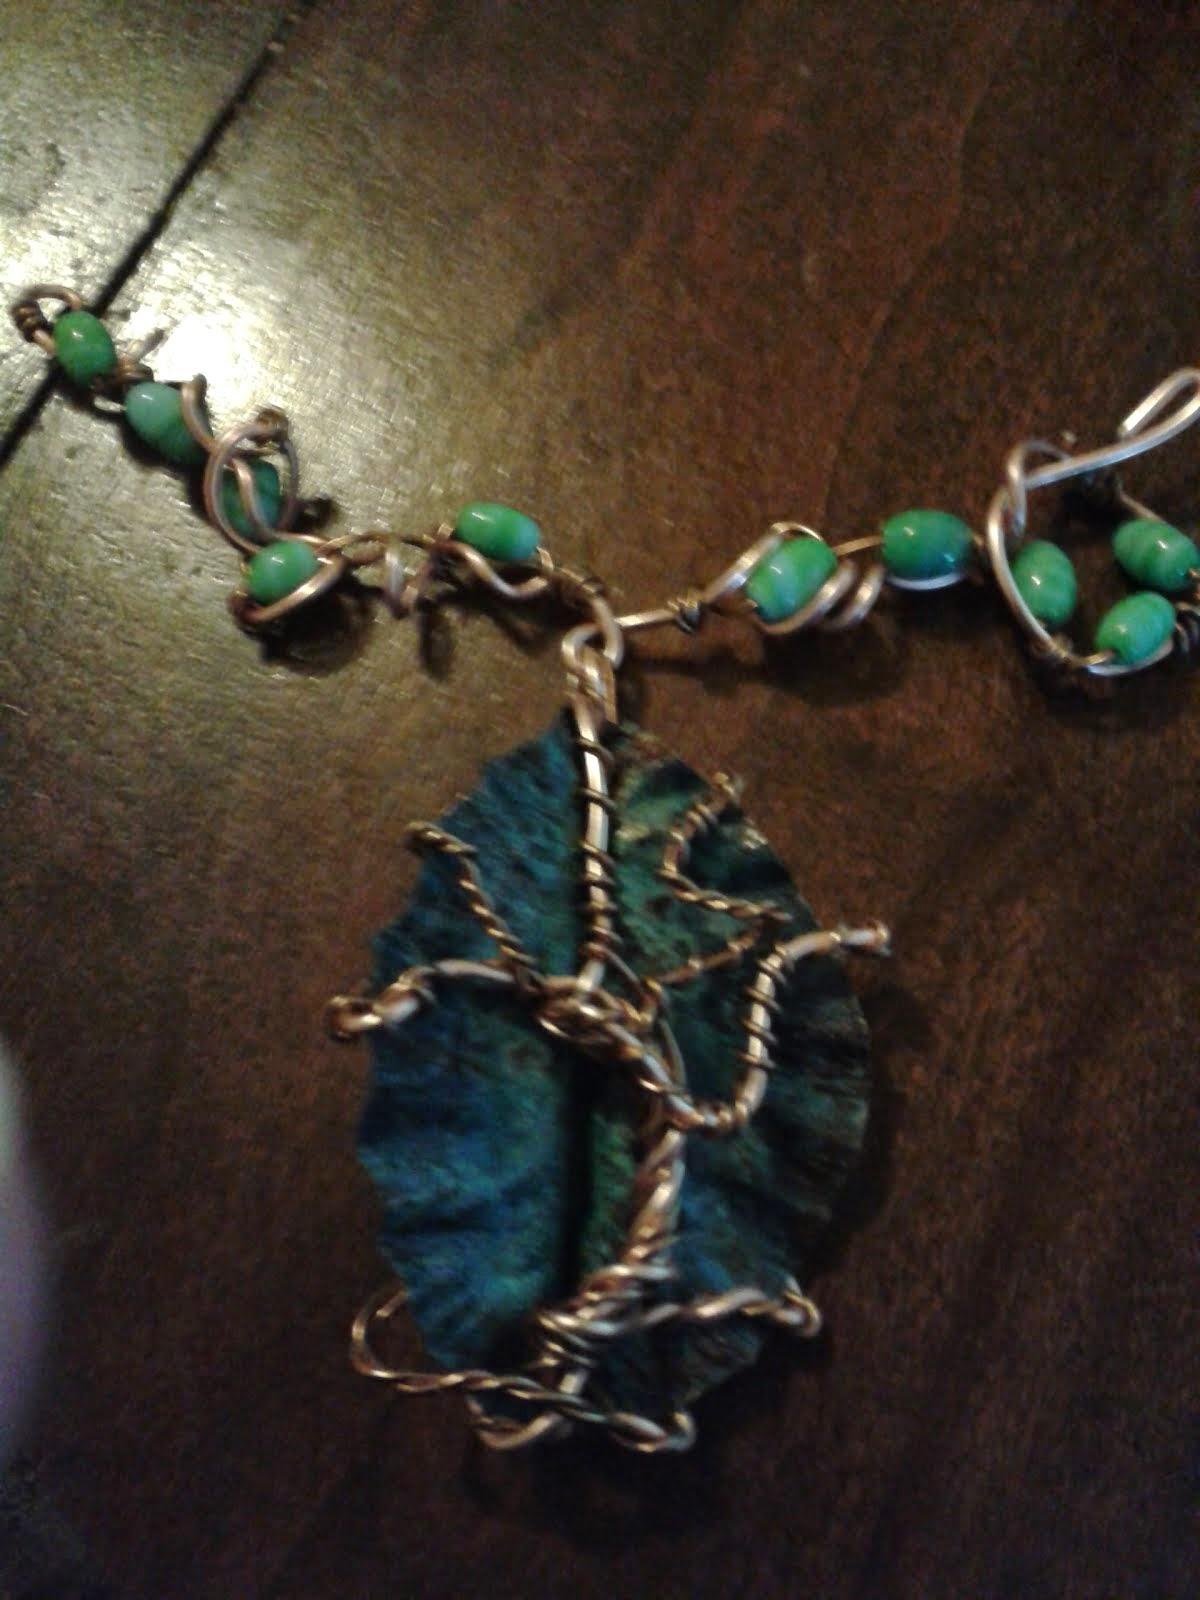 Foglia di rame patina bluastra da ammoniaca e sale con albero della vita in filo si rame